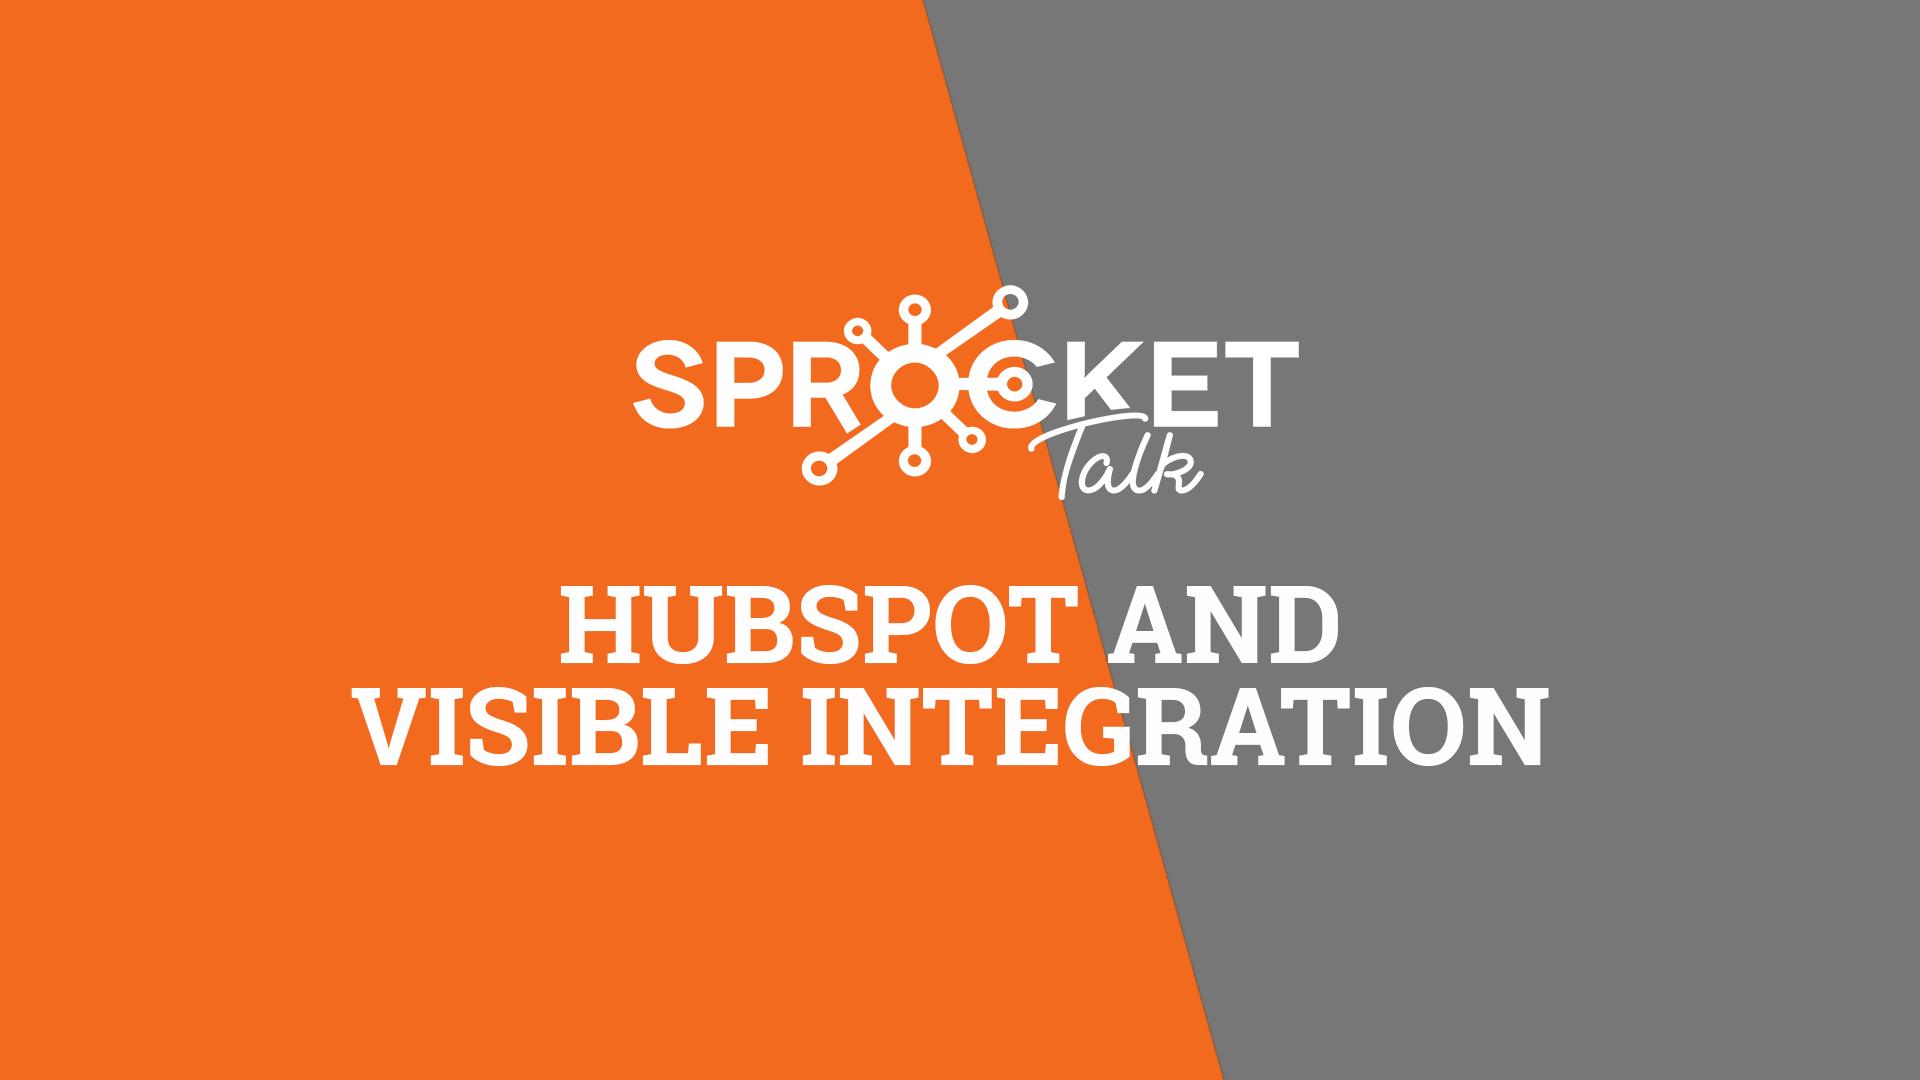 HubSpot and Visible Integration